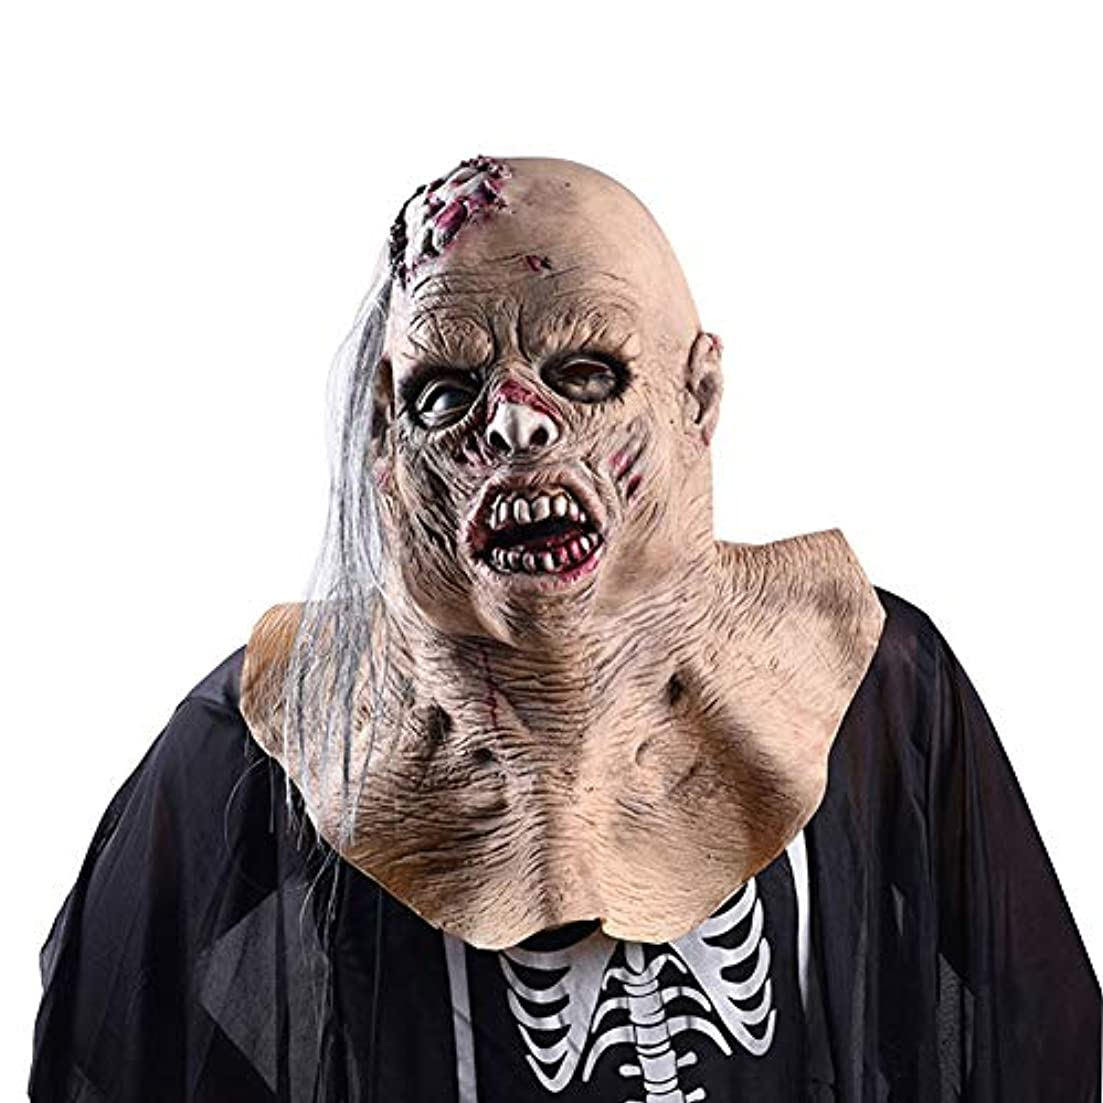 混乱させる簡単にラベルハロウィーンマスク、吸血鬼のラテックスマスク、ハロウィーン、テーマパーティー、カーニバル、レイブパーティー、バー、小道具。